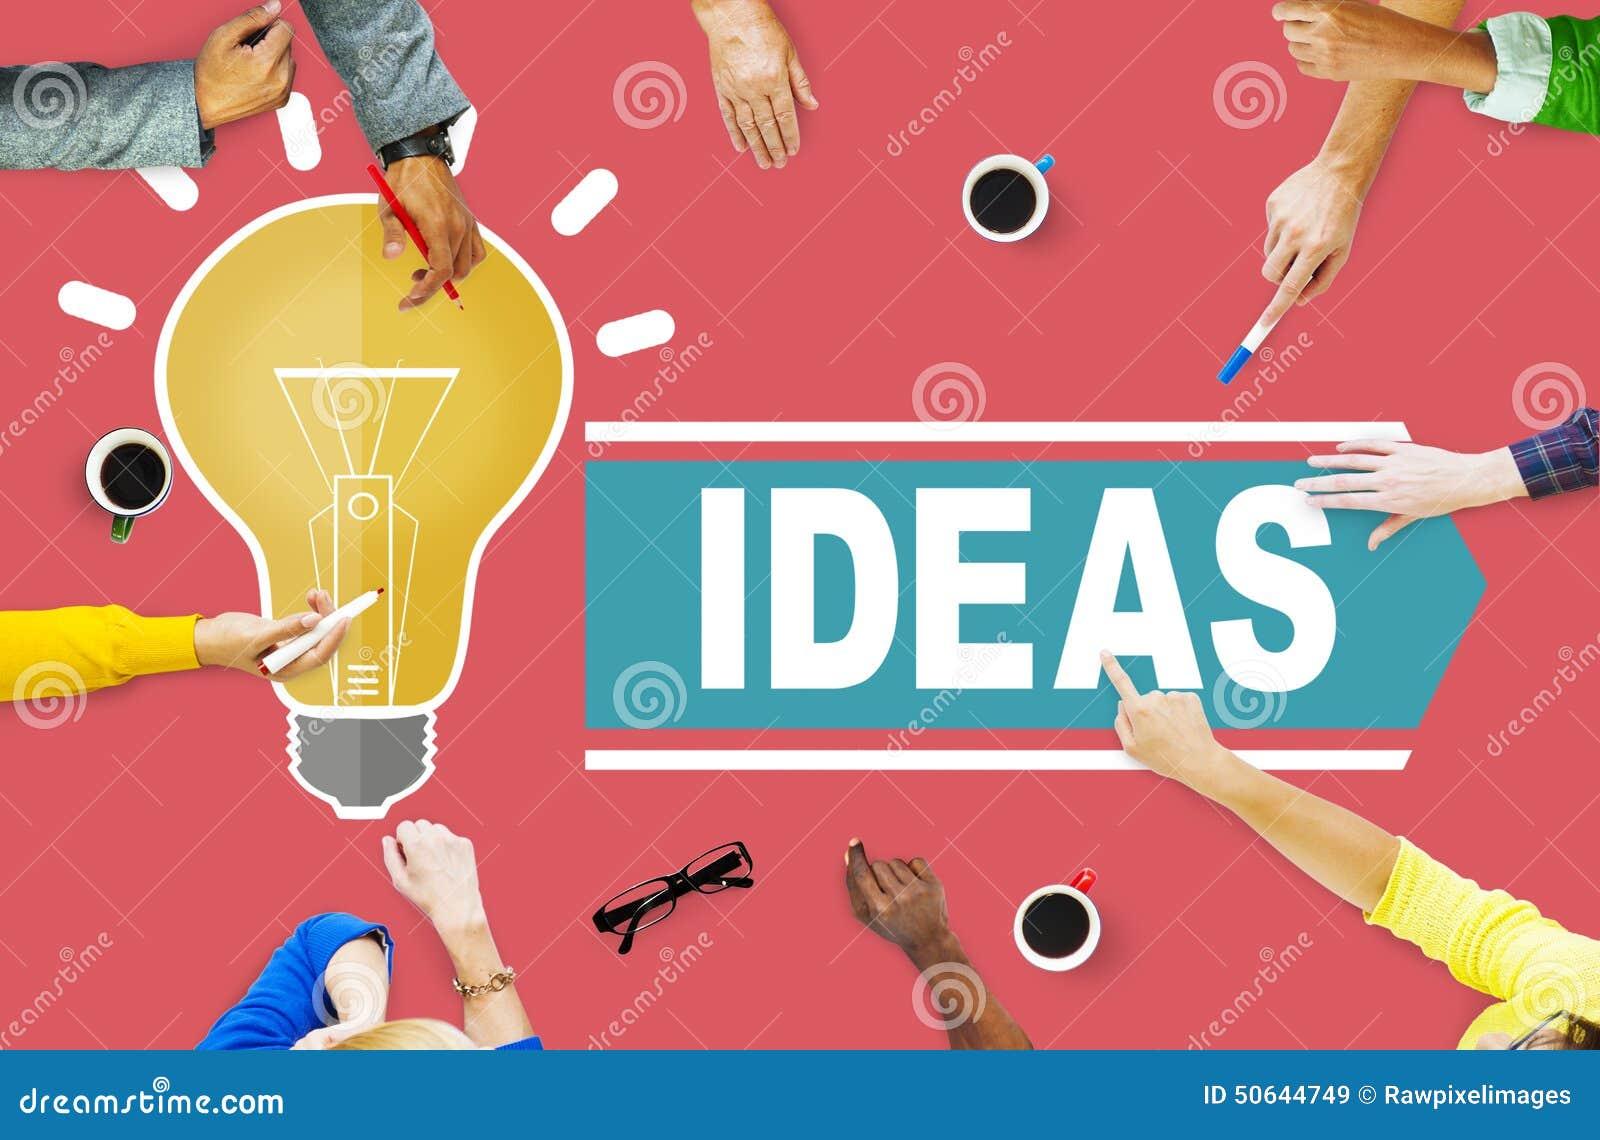 Aspiratiesideeën die de Strategieconcept denken van de Innovatievisie